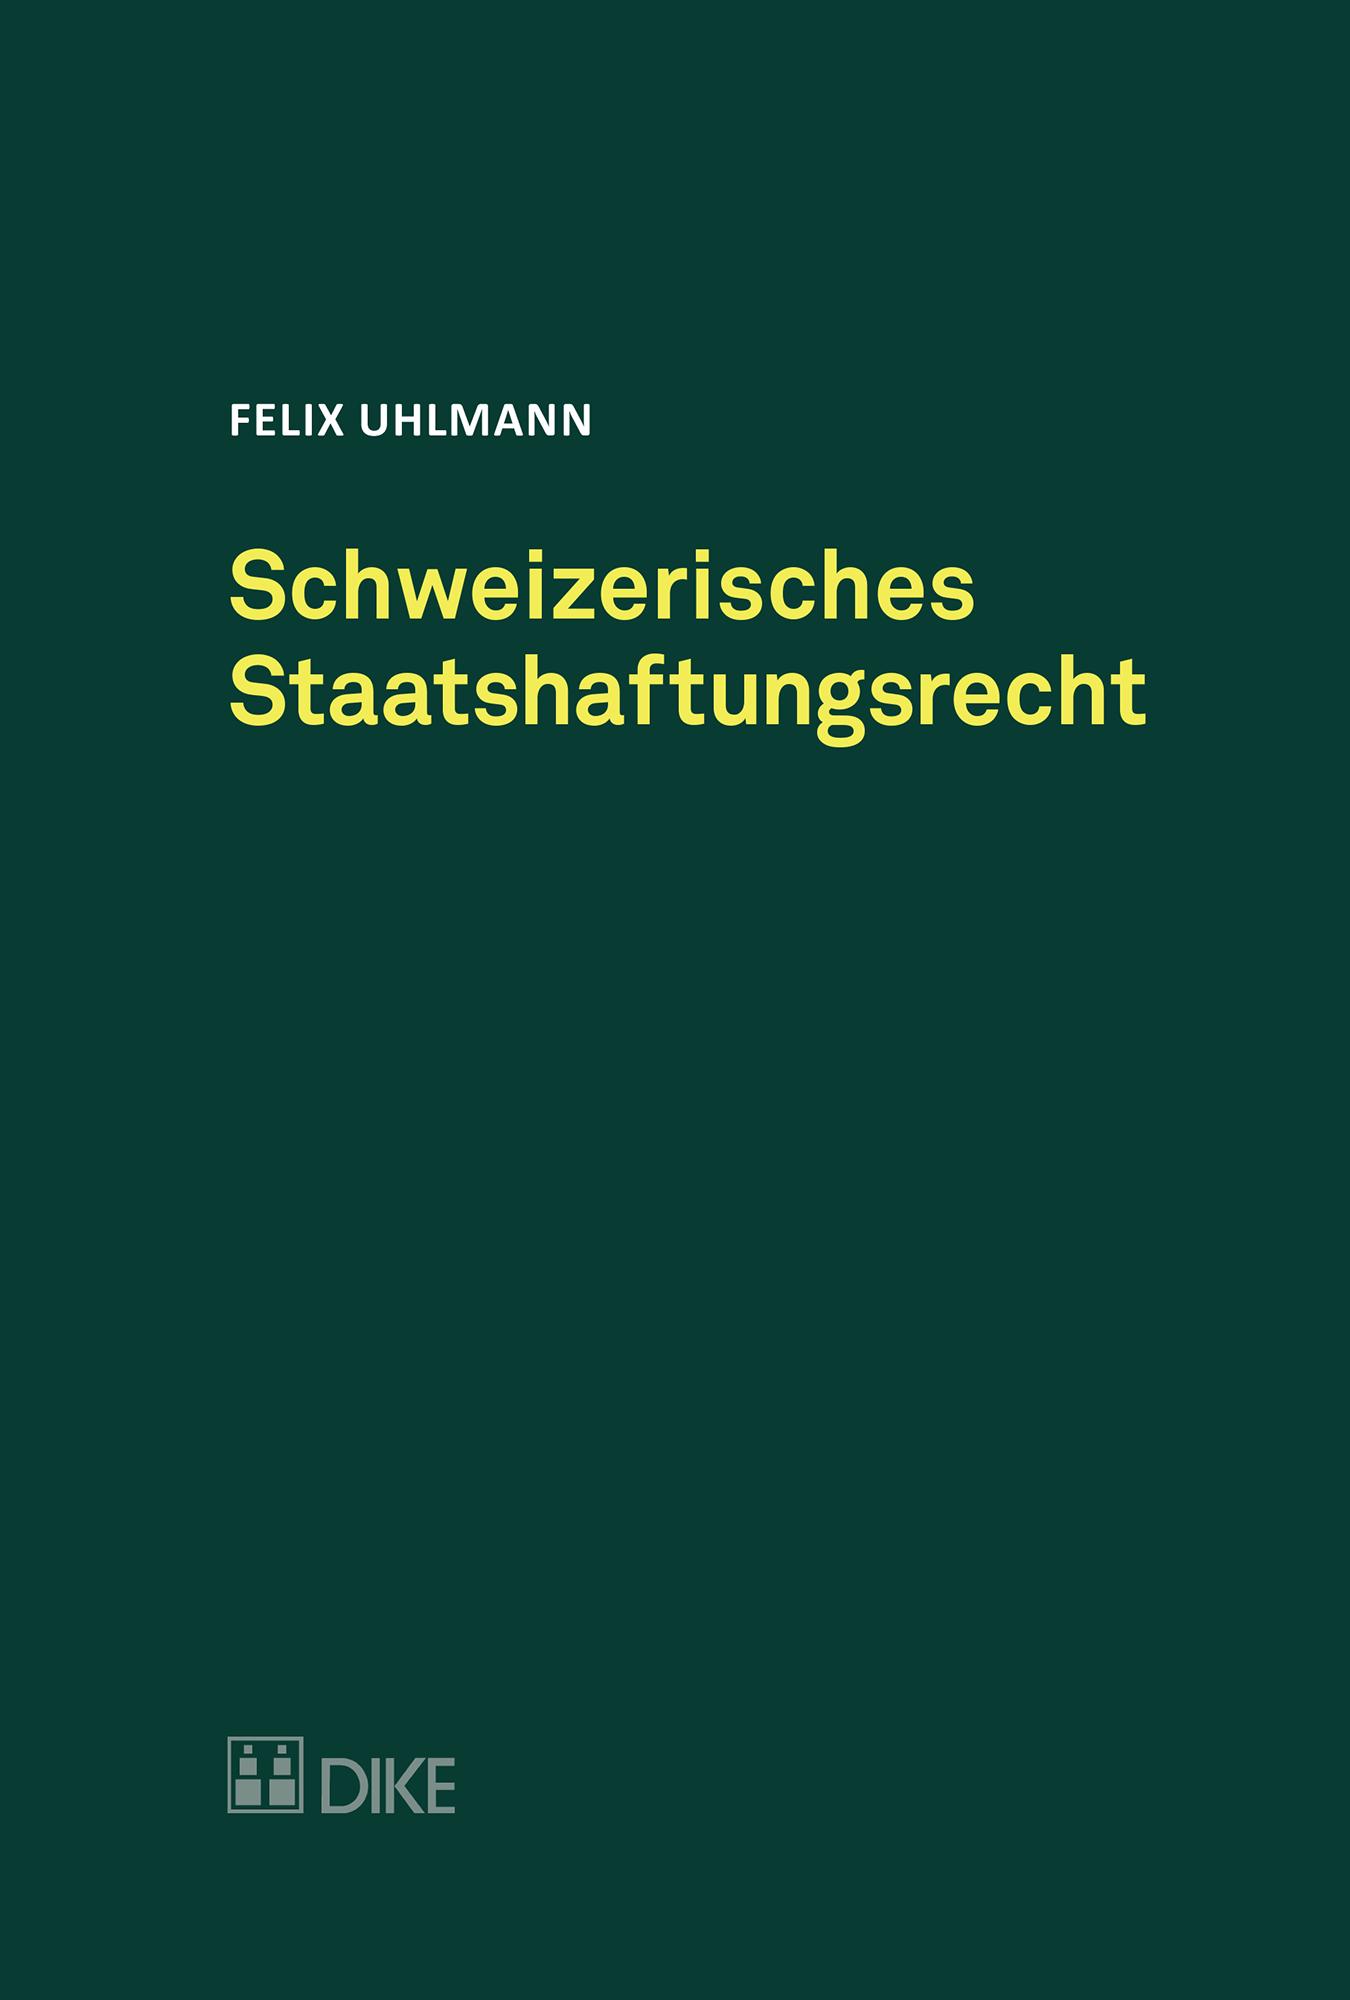 Schweizerisches Staatshaftungsrecht